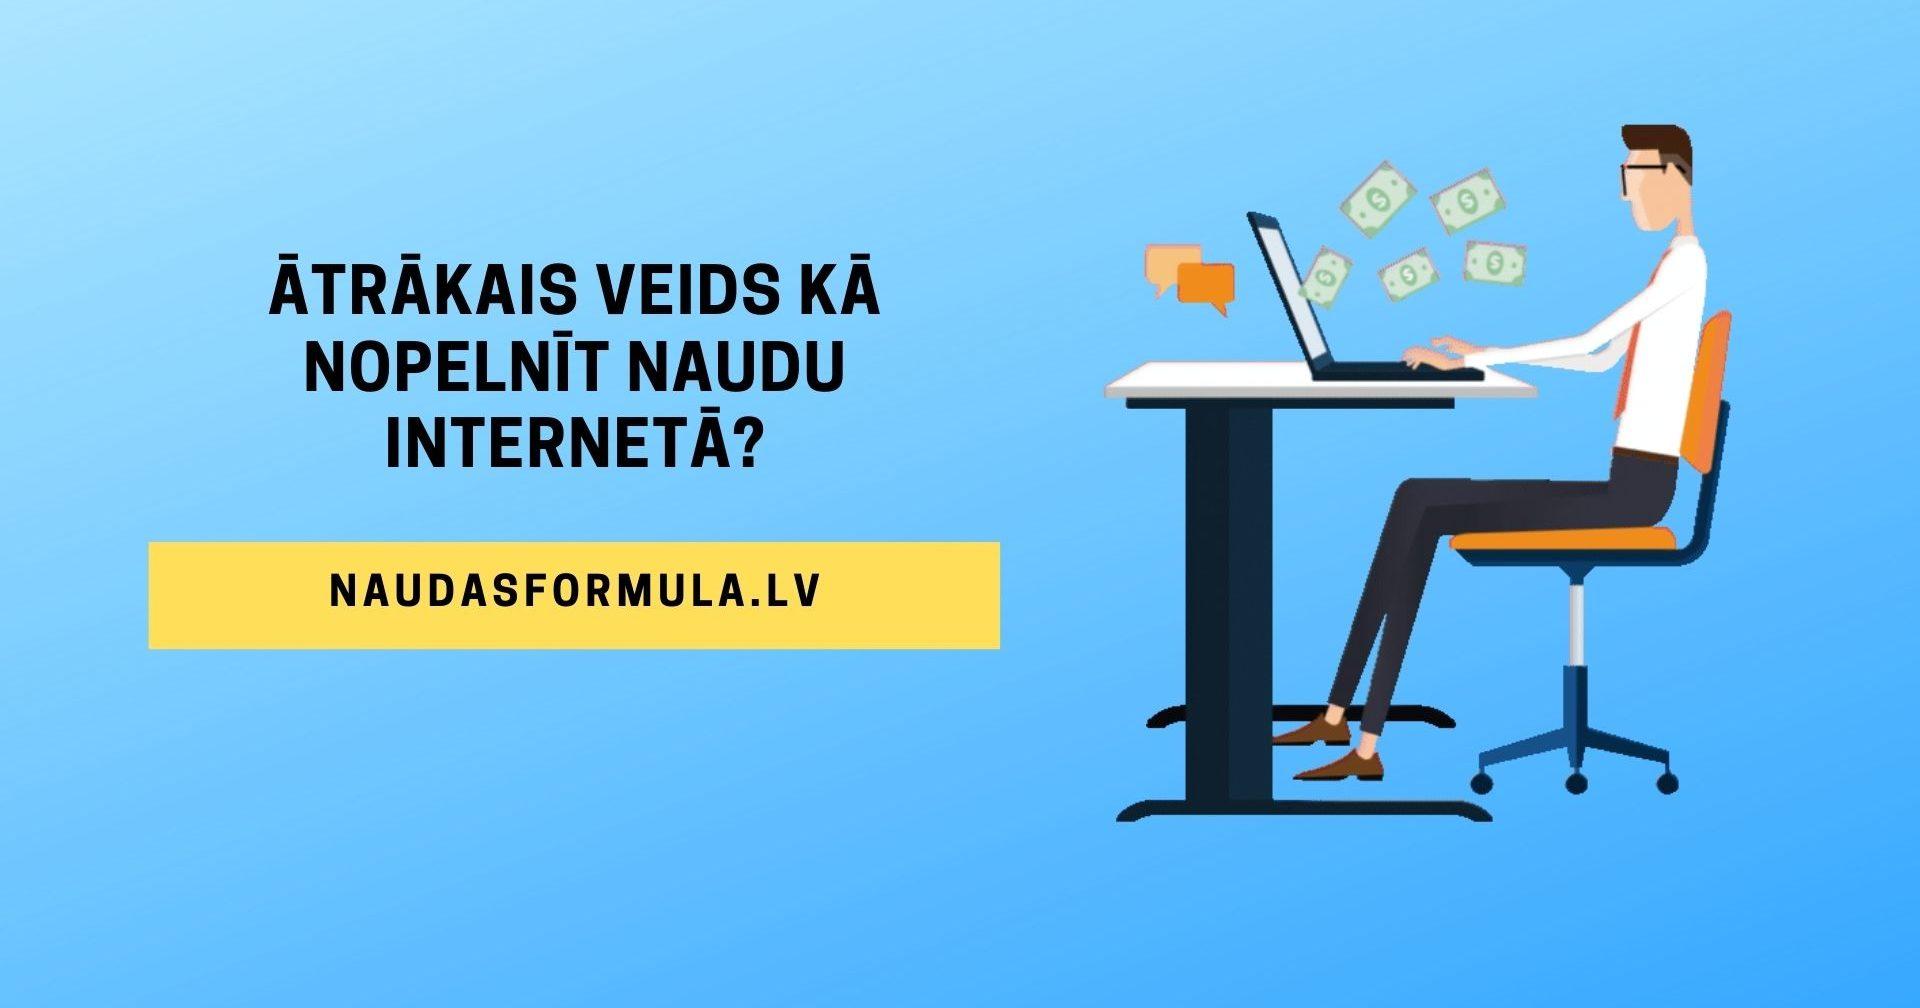 reāls darbs internetā kā pelnīt naudu tiešsaistē izstrādājot tīmekļa vietnes